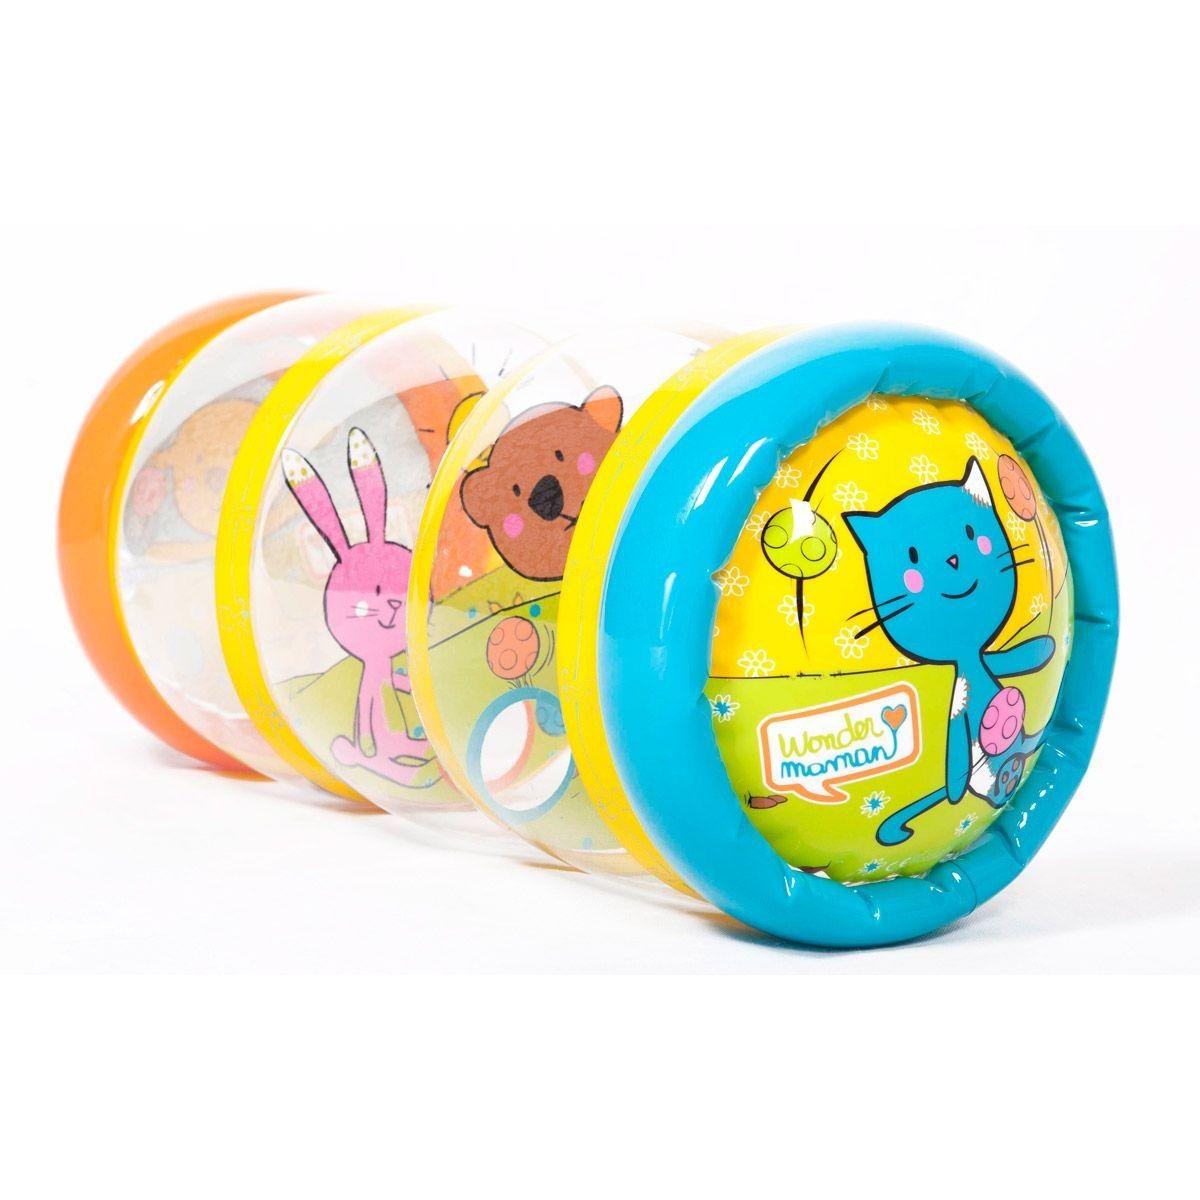 Rouleau gonflable - La Grande Récré   vente de Rouleau gonflable et de  toute une gamme de jeux et jouets Jouets enfant 1 à 3 ans en ligne ou dans  nos 250 ... 70bb99cae18e